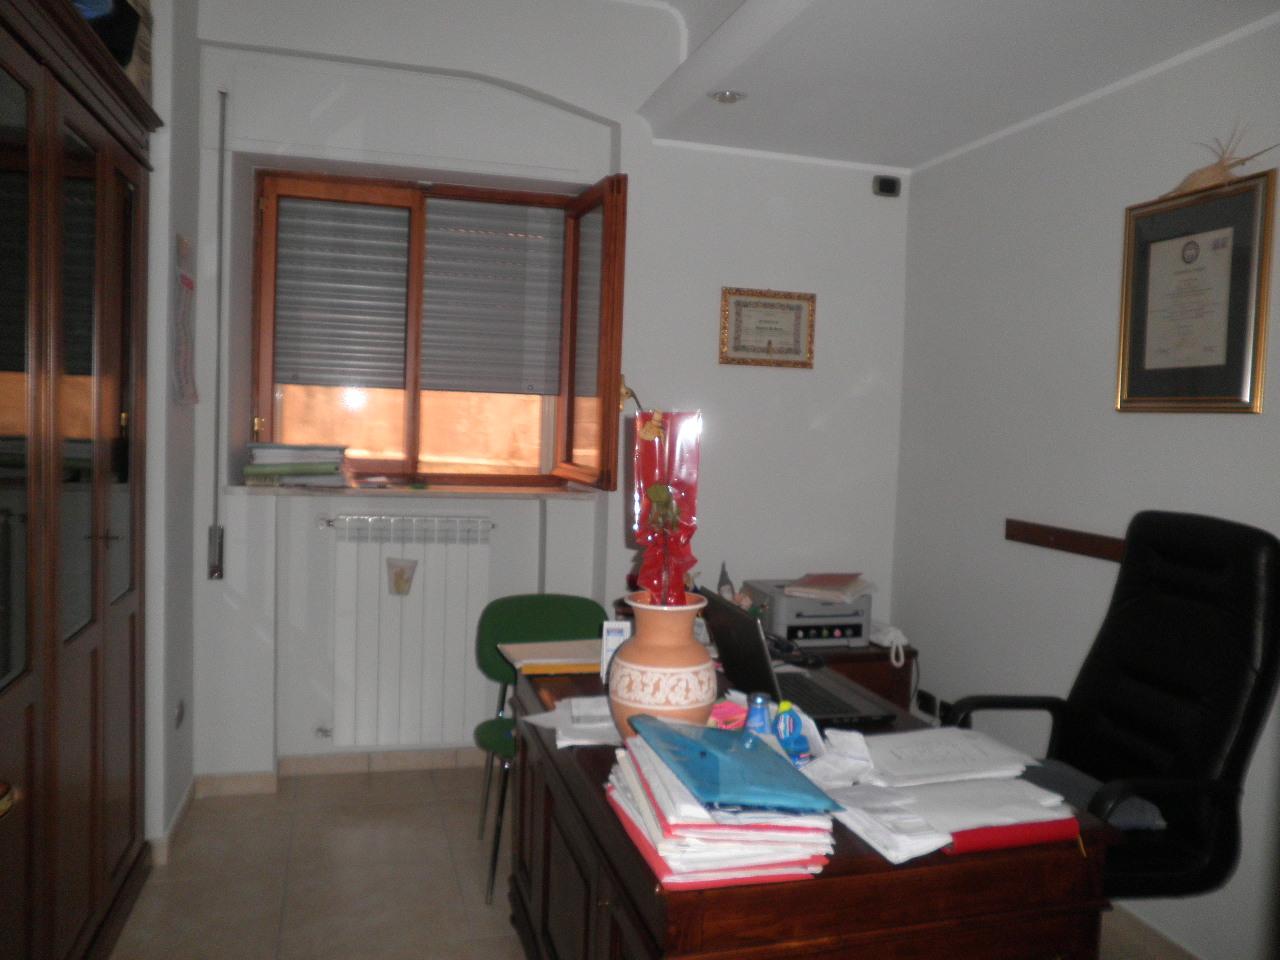 vendita appartamento catanzaro quartiere s. leonardo  140000 euro  3 locali  95 mq